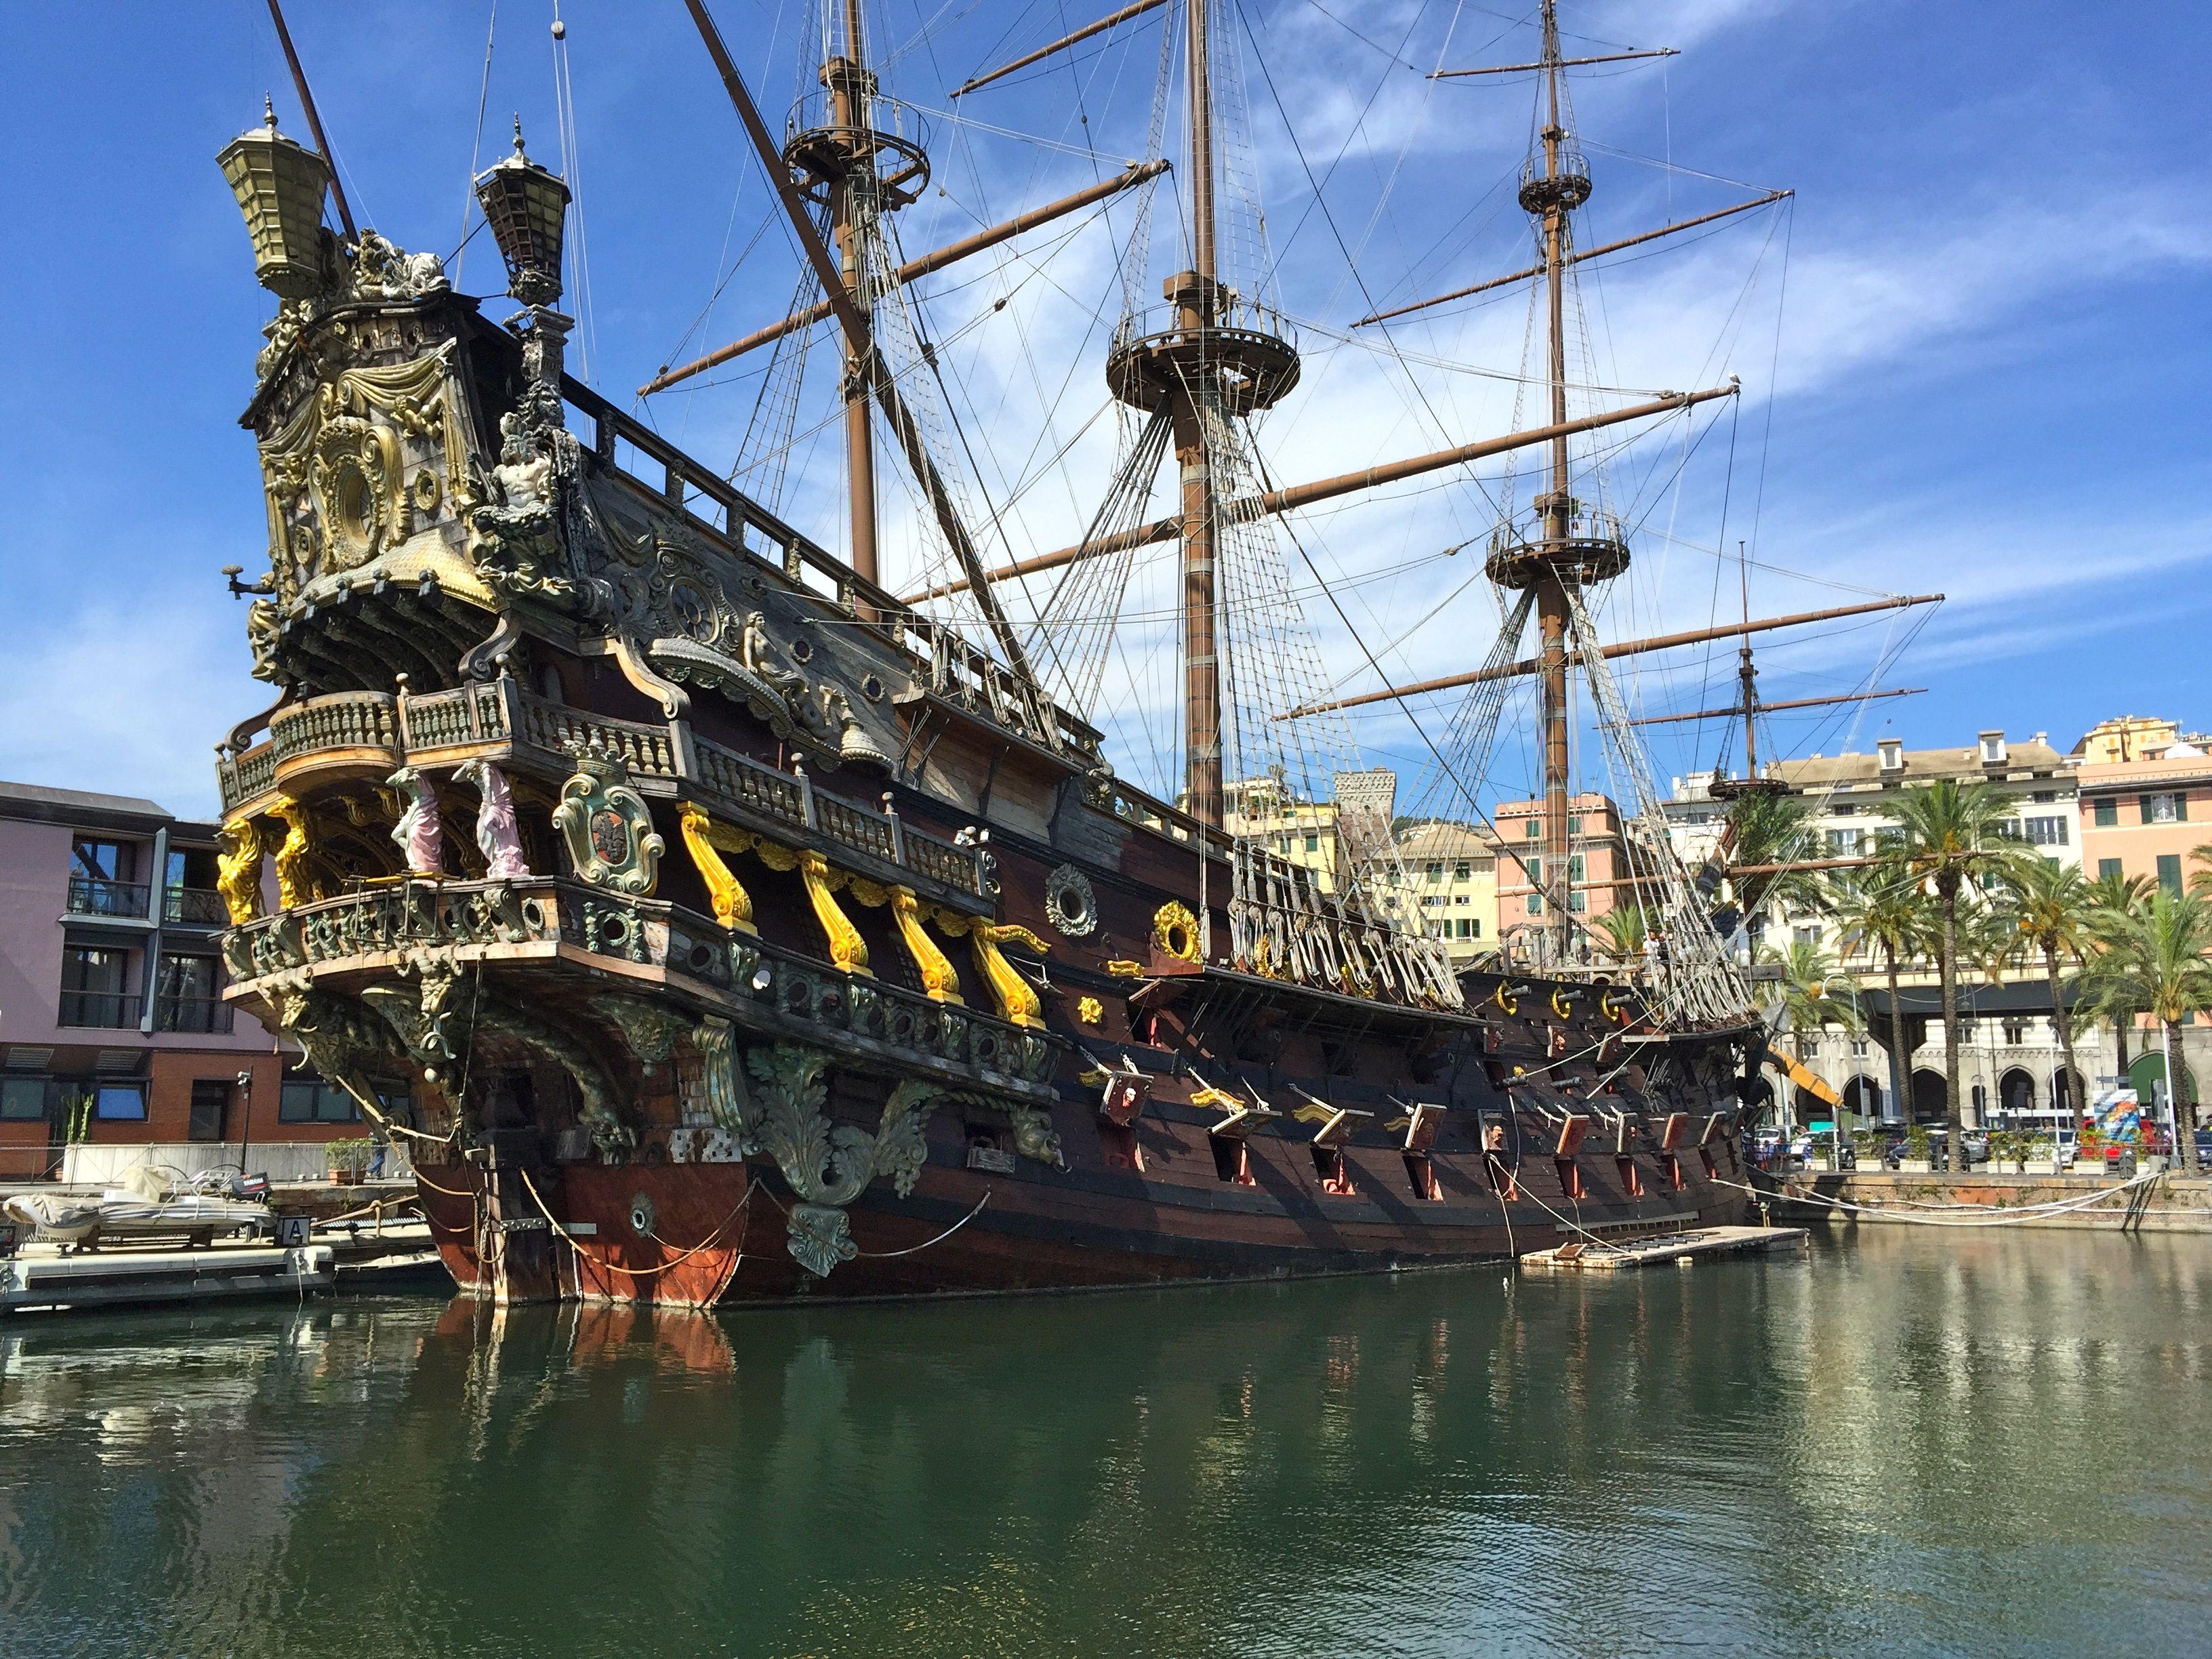 того пиратский корабль фото высокого разрешения скидки предложения